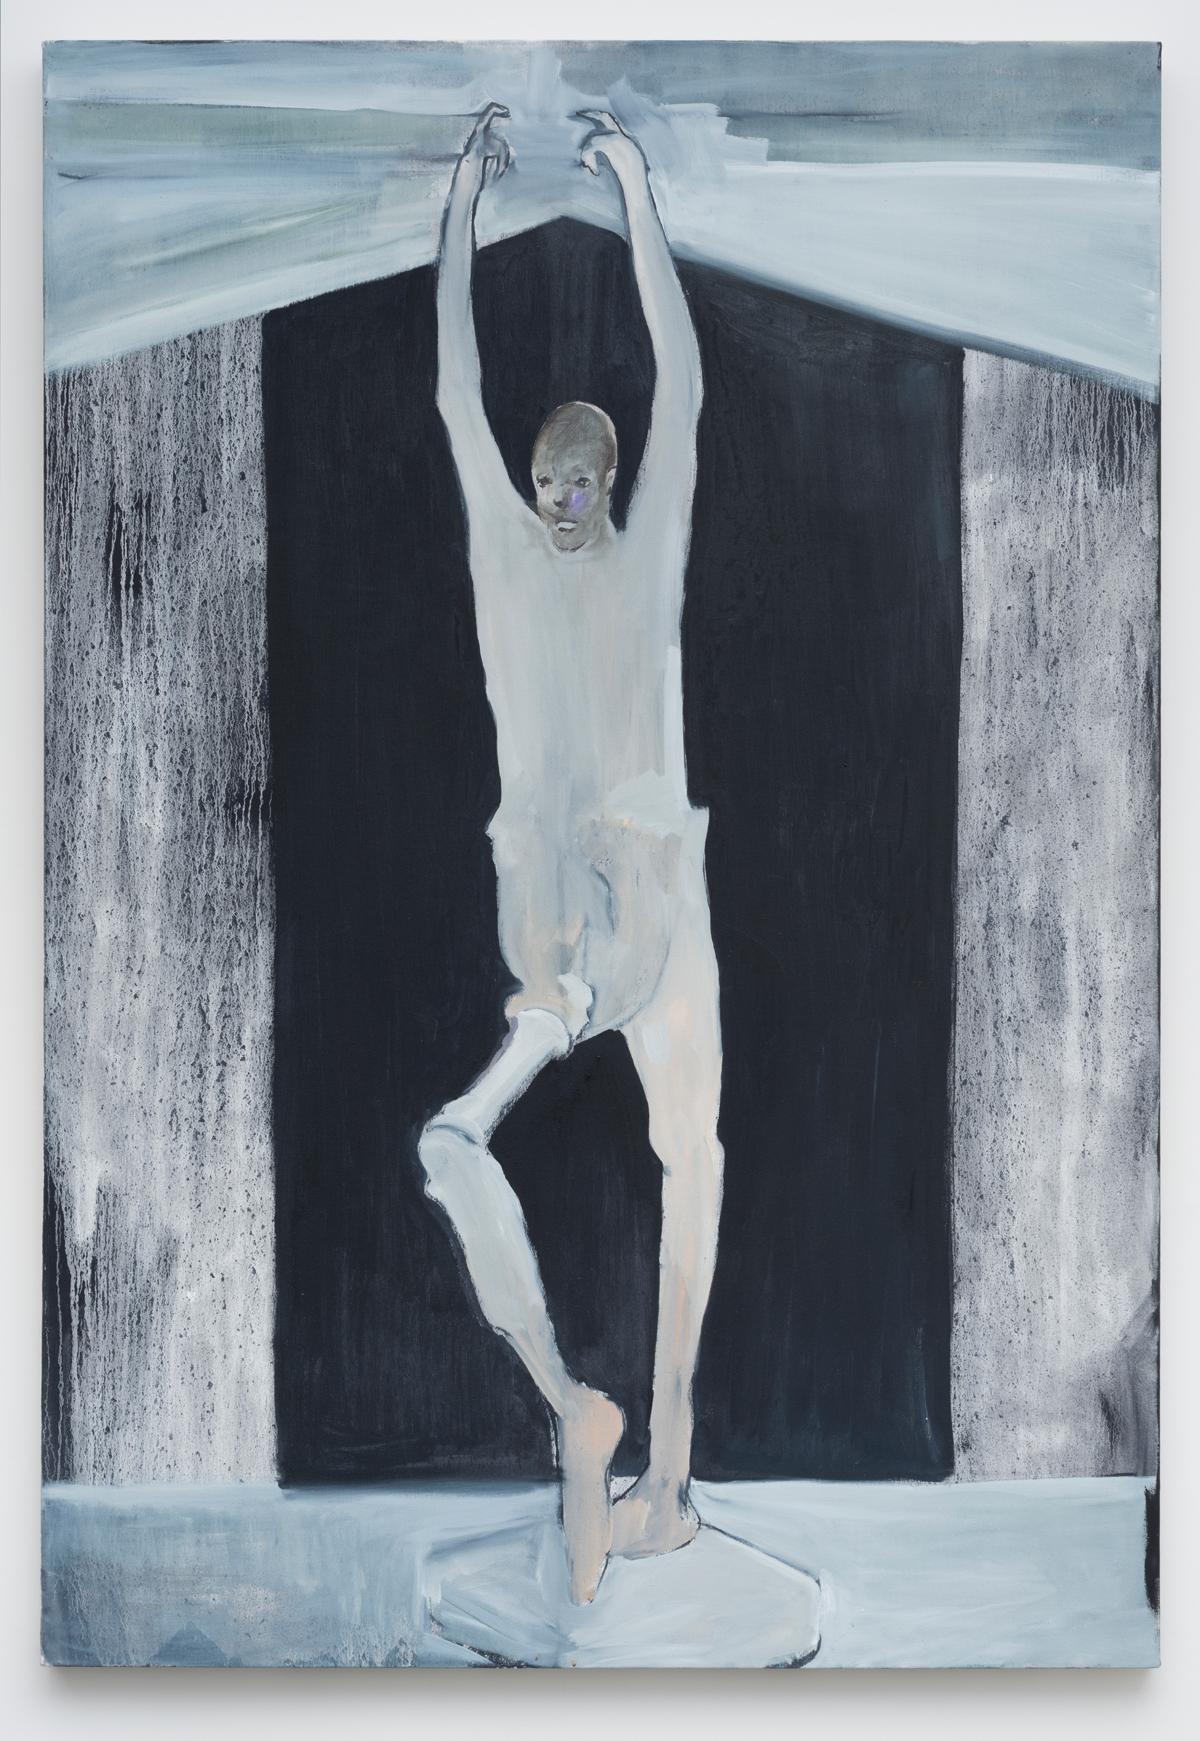 Noah Davis, Inboil, 2010